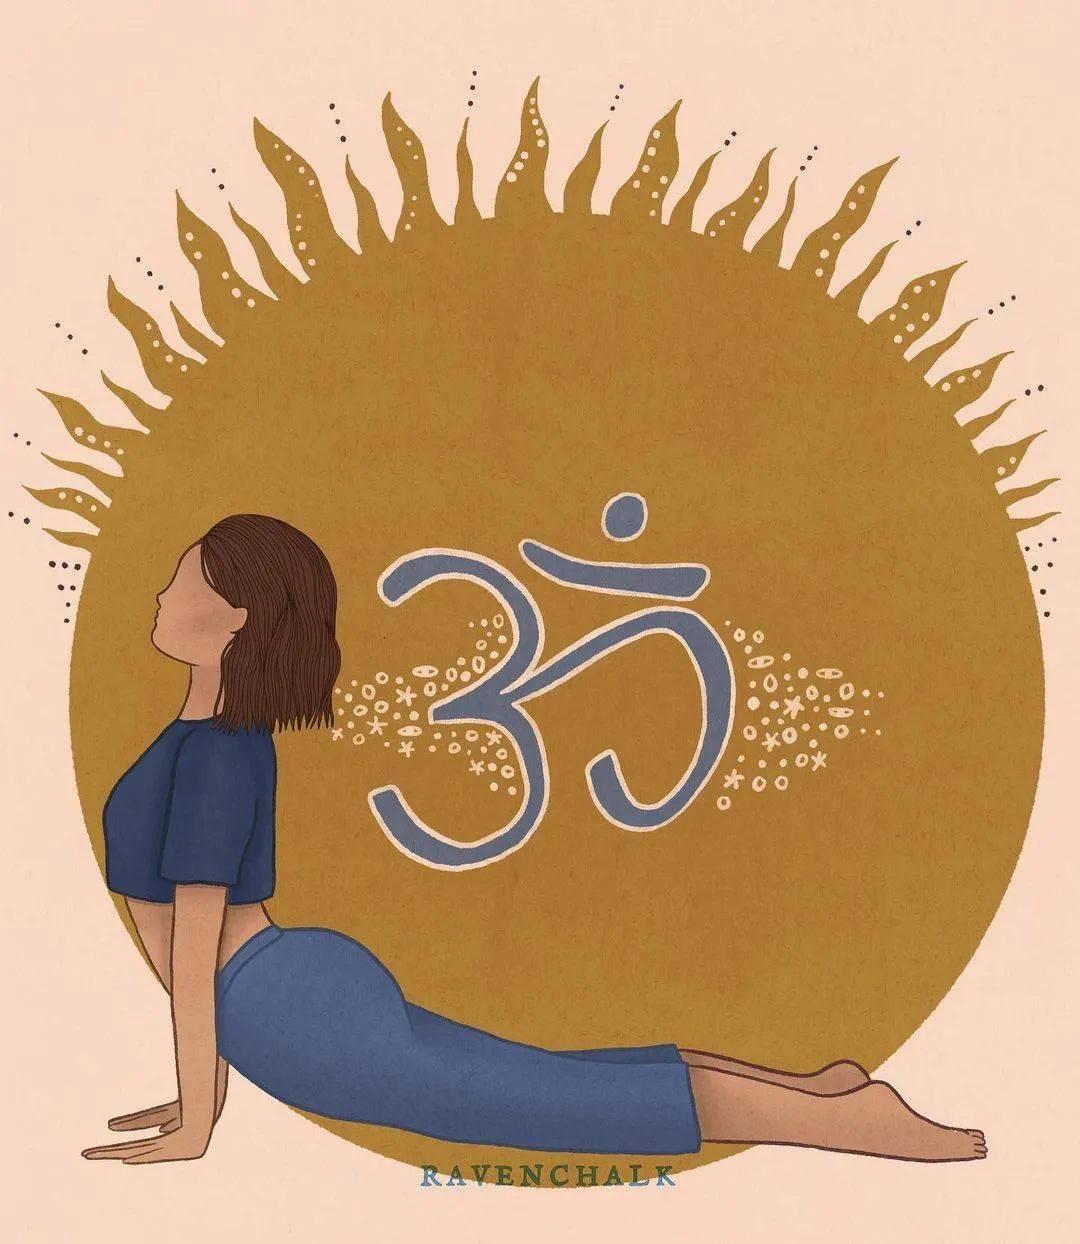 想练瑜伽很久了,却从没练过!?_目标